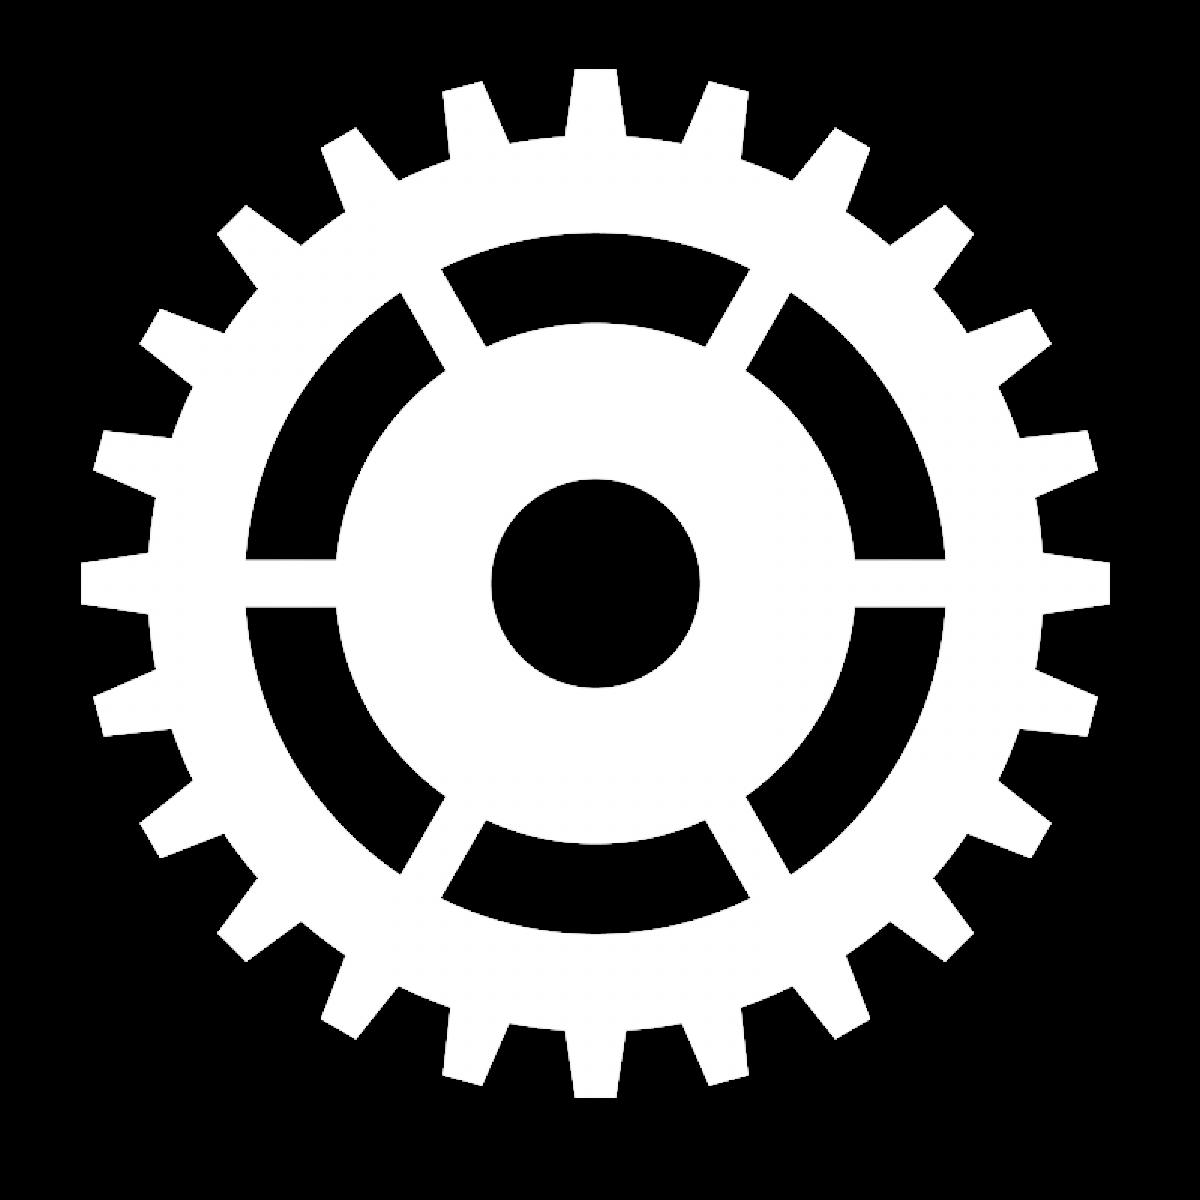 Gear_09